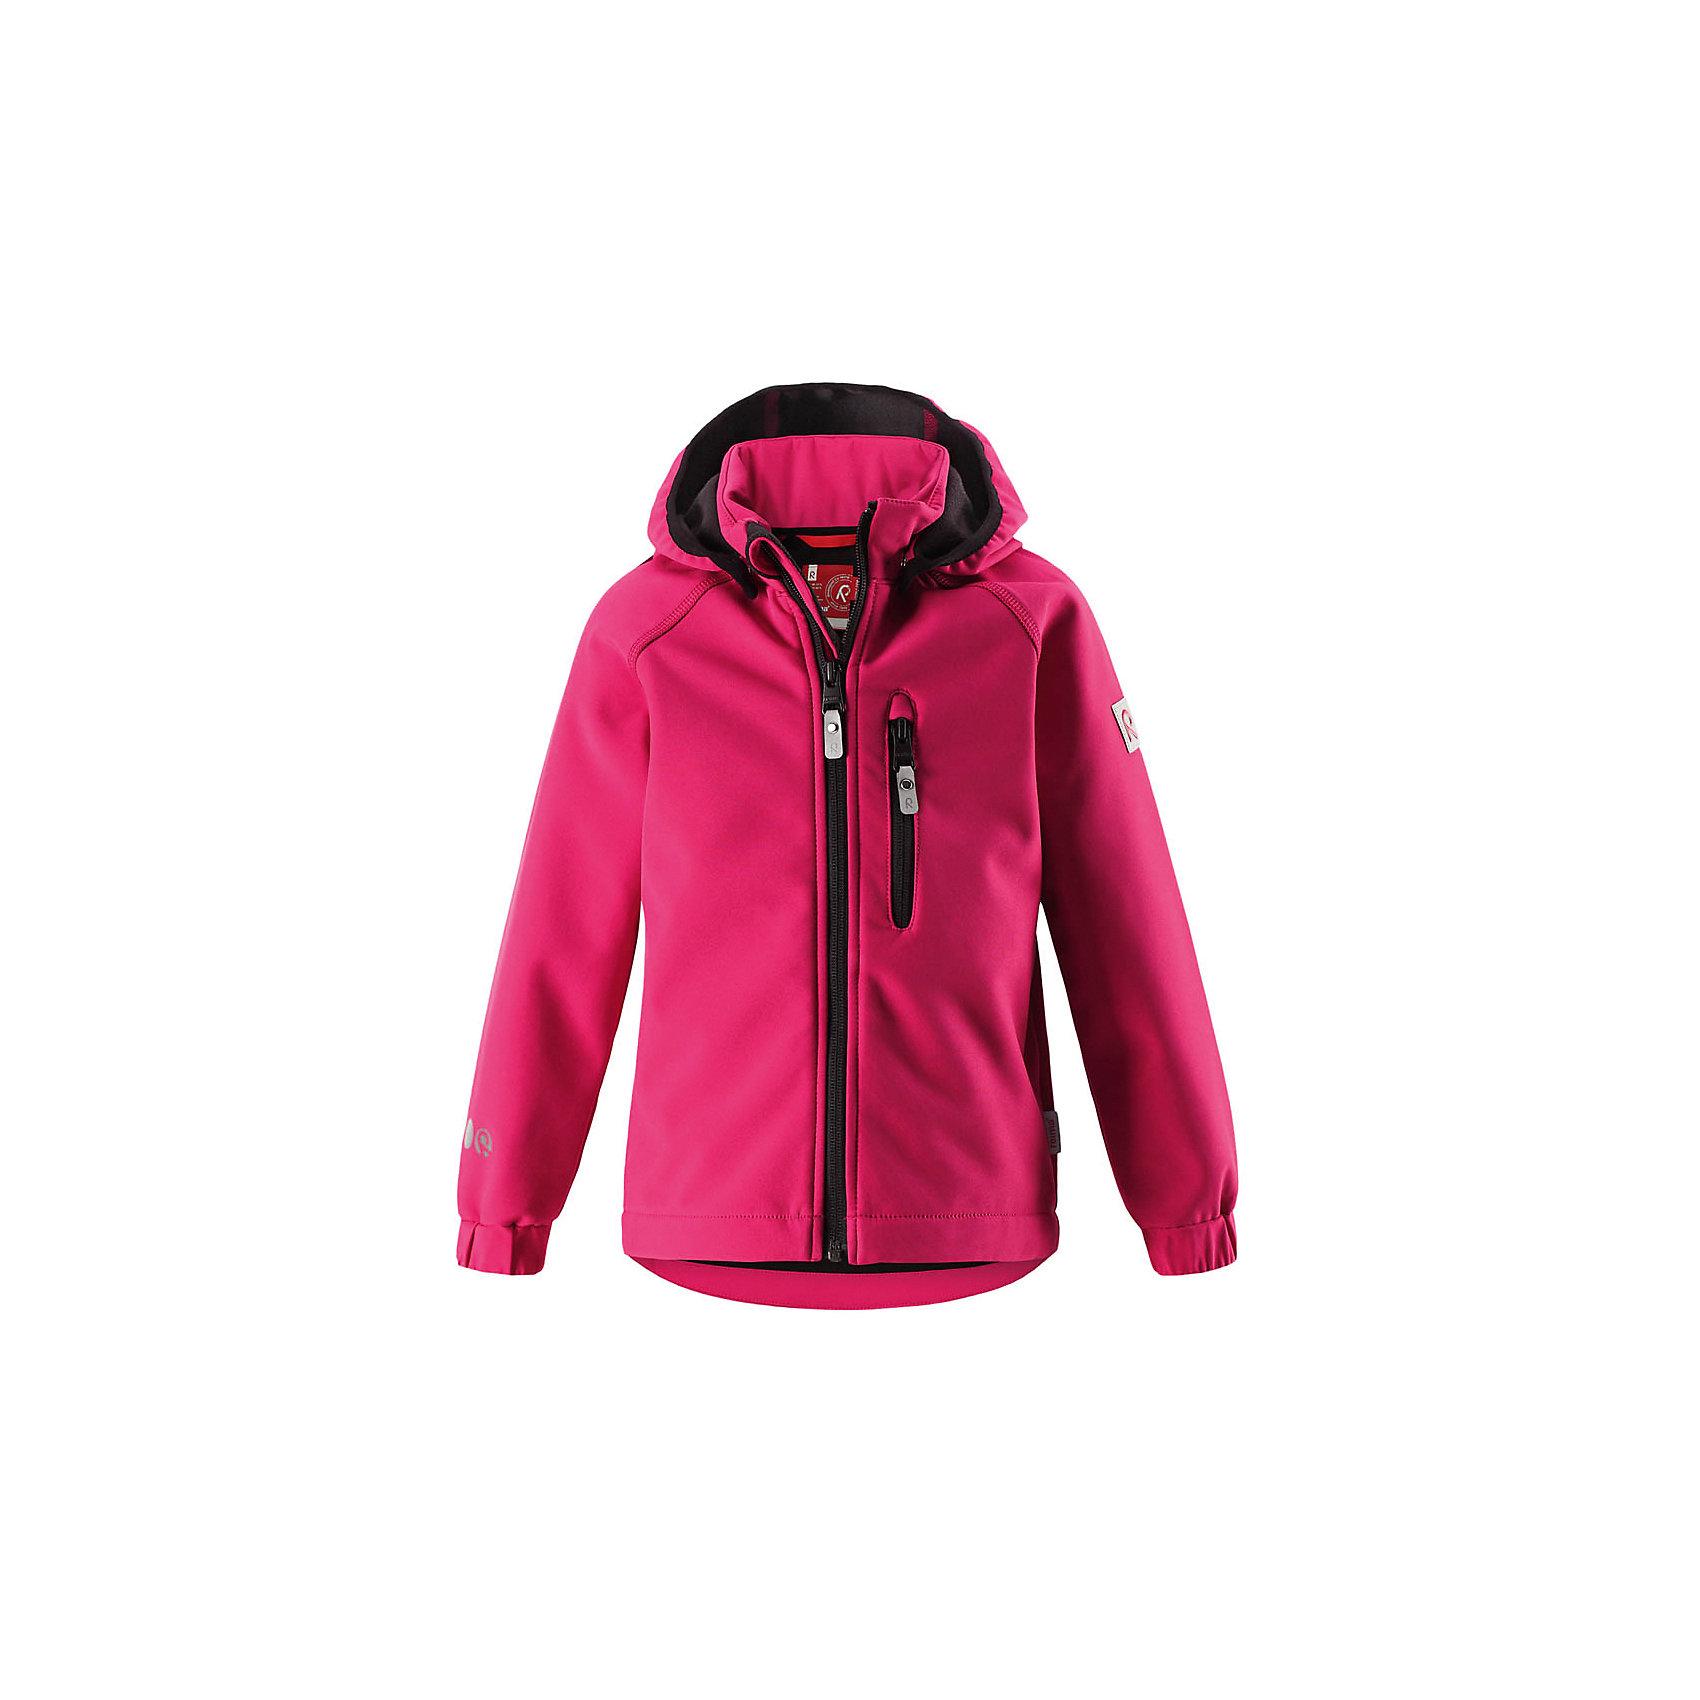 Куртка Vantti ReimaФлис и термобелье<br>Характеристики товара:<br><br>• цвет: розовый;<br>• состав: 95% полиэстер, 5% эластан, полиуретановое покрытие;<br>• утеплитель: без утеплителя;<br>• сезон: демисезон;<br>• температурный режим: от +5 до +15С;<br>• водонепроницаемость: 10000 мм;<br>• воздухопроницаемость: 4000 мм;<br>• водоотталкивающий, ветронепроницаемый и дышащий материал;<br>• многослойный материал, с изнаночной стороны - флис;<br>• водонепроницаемый материал softshell;<br>• застежка: молния с защитой подбородка от защемления;<br>• безопасный съемный капюшон;<br>• эластичные манжеты;<br>• карман на молнии;<br>• светоотражающие элементы;<br>• страна бренда: Финляндия;<br>• страна производства: Китай.<br><br>Демисезонная куртка с капюшоном изготовлена из водо и грязеотталкивающего материала softshell. Куртка на молнии, с флисовой подкладкой станет идеальным выбором для холодных весенних и осенних дней. Мягкий и эластичный материал softshell дарит ощущение комфорта. В двух карманах найдется место для всех мелочей. Благодаря эластичным сборкам на рукавах и подоле, куртка отлично сидит. Куртка без подкладки. <br><br>Куртка Vantti Reima можно купить в нашем интернет-магазине.<br><br>Ширина мм: 356<br>Глубина мм: 10<br>Высота мм: 245<br>Вес г: 519<br>Цвет: розовый<br>Возраст от месяцев: 108<br>Возраст до месяцев: 120<br>Пол: Унисекс<br>Возраст: Детский<br>Размер: 140,92,98,104,110,116,122,128,134<br>SKU: 6901351